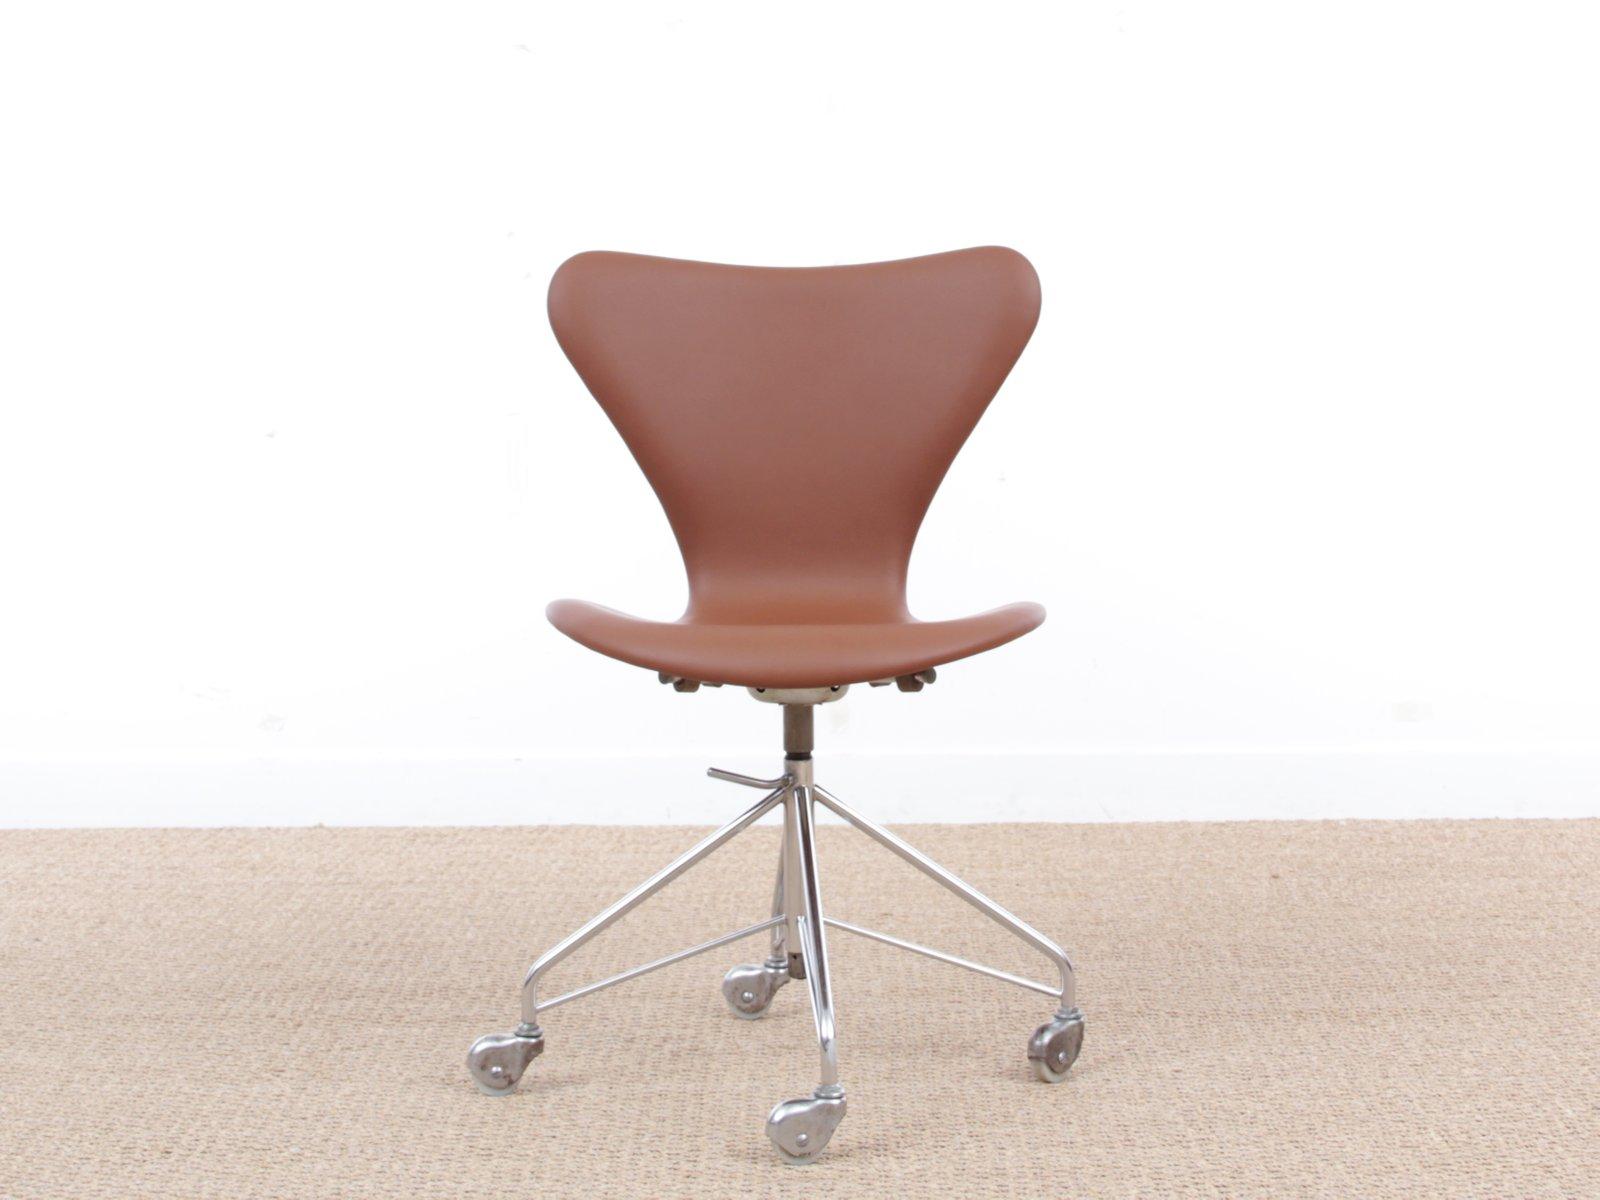 Silla de escritorio modelo 3117 mid century moderna de for Silla escritorio moderna